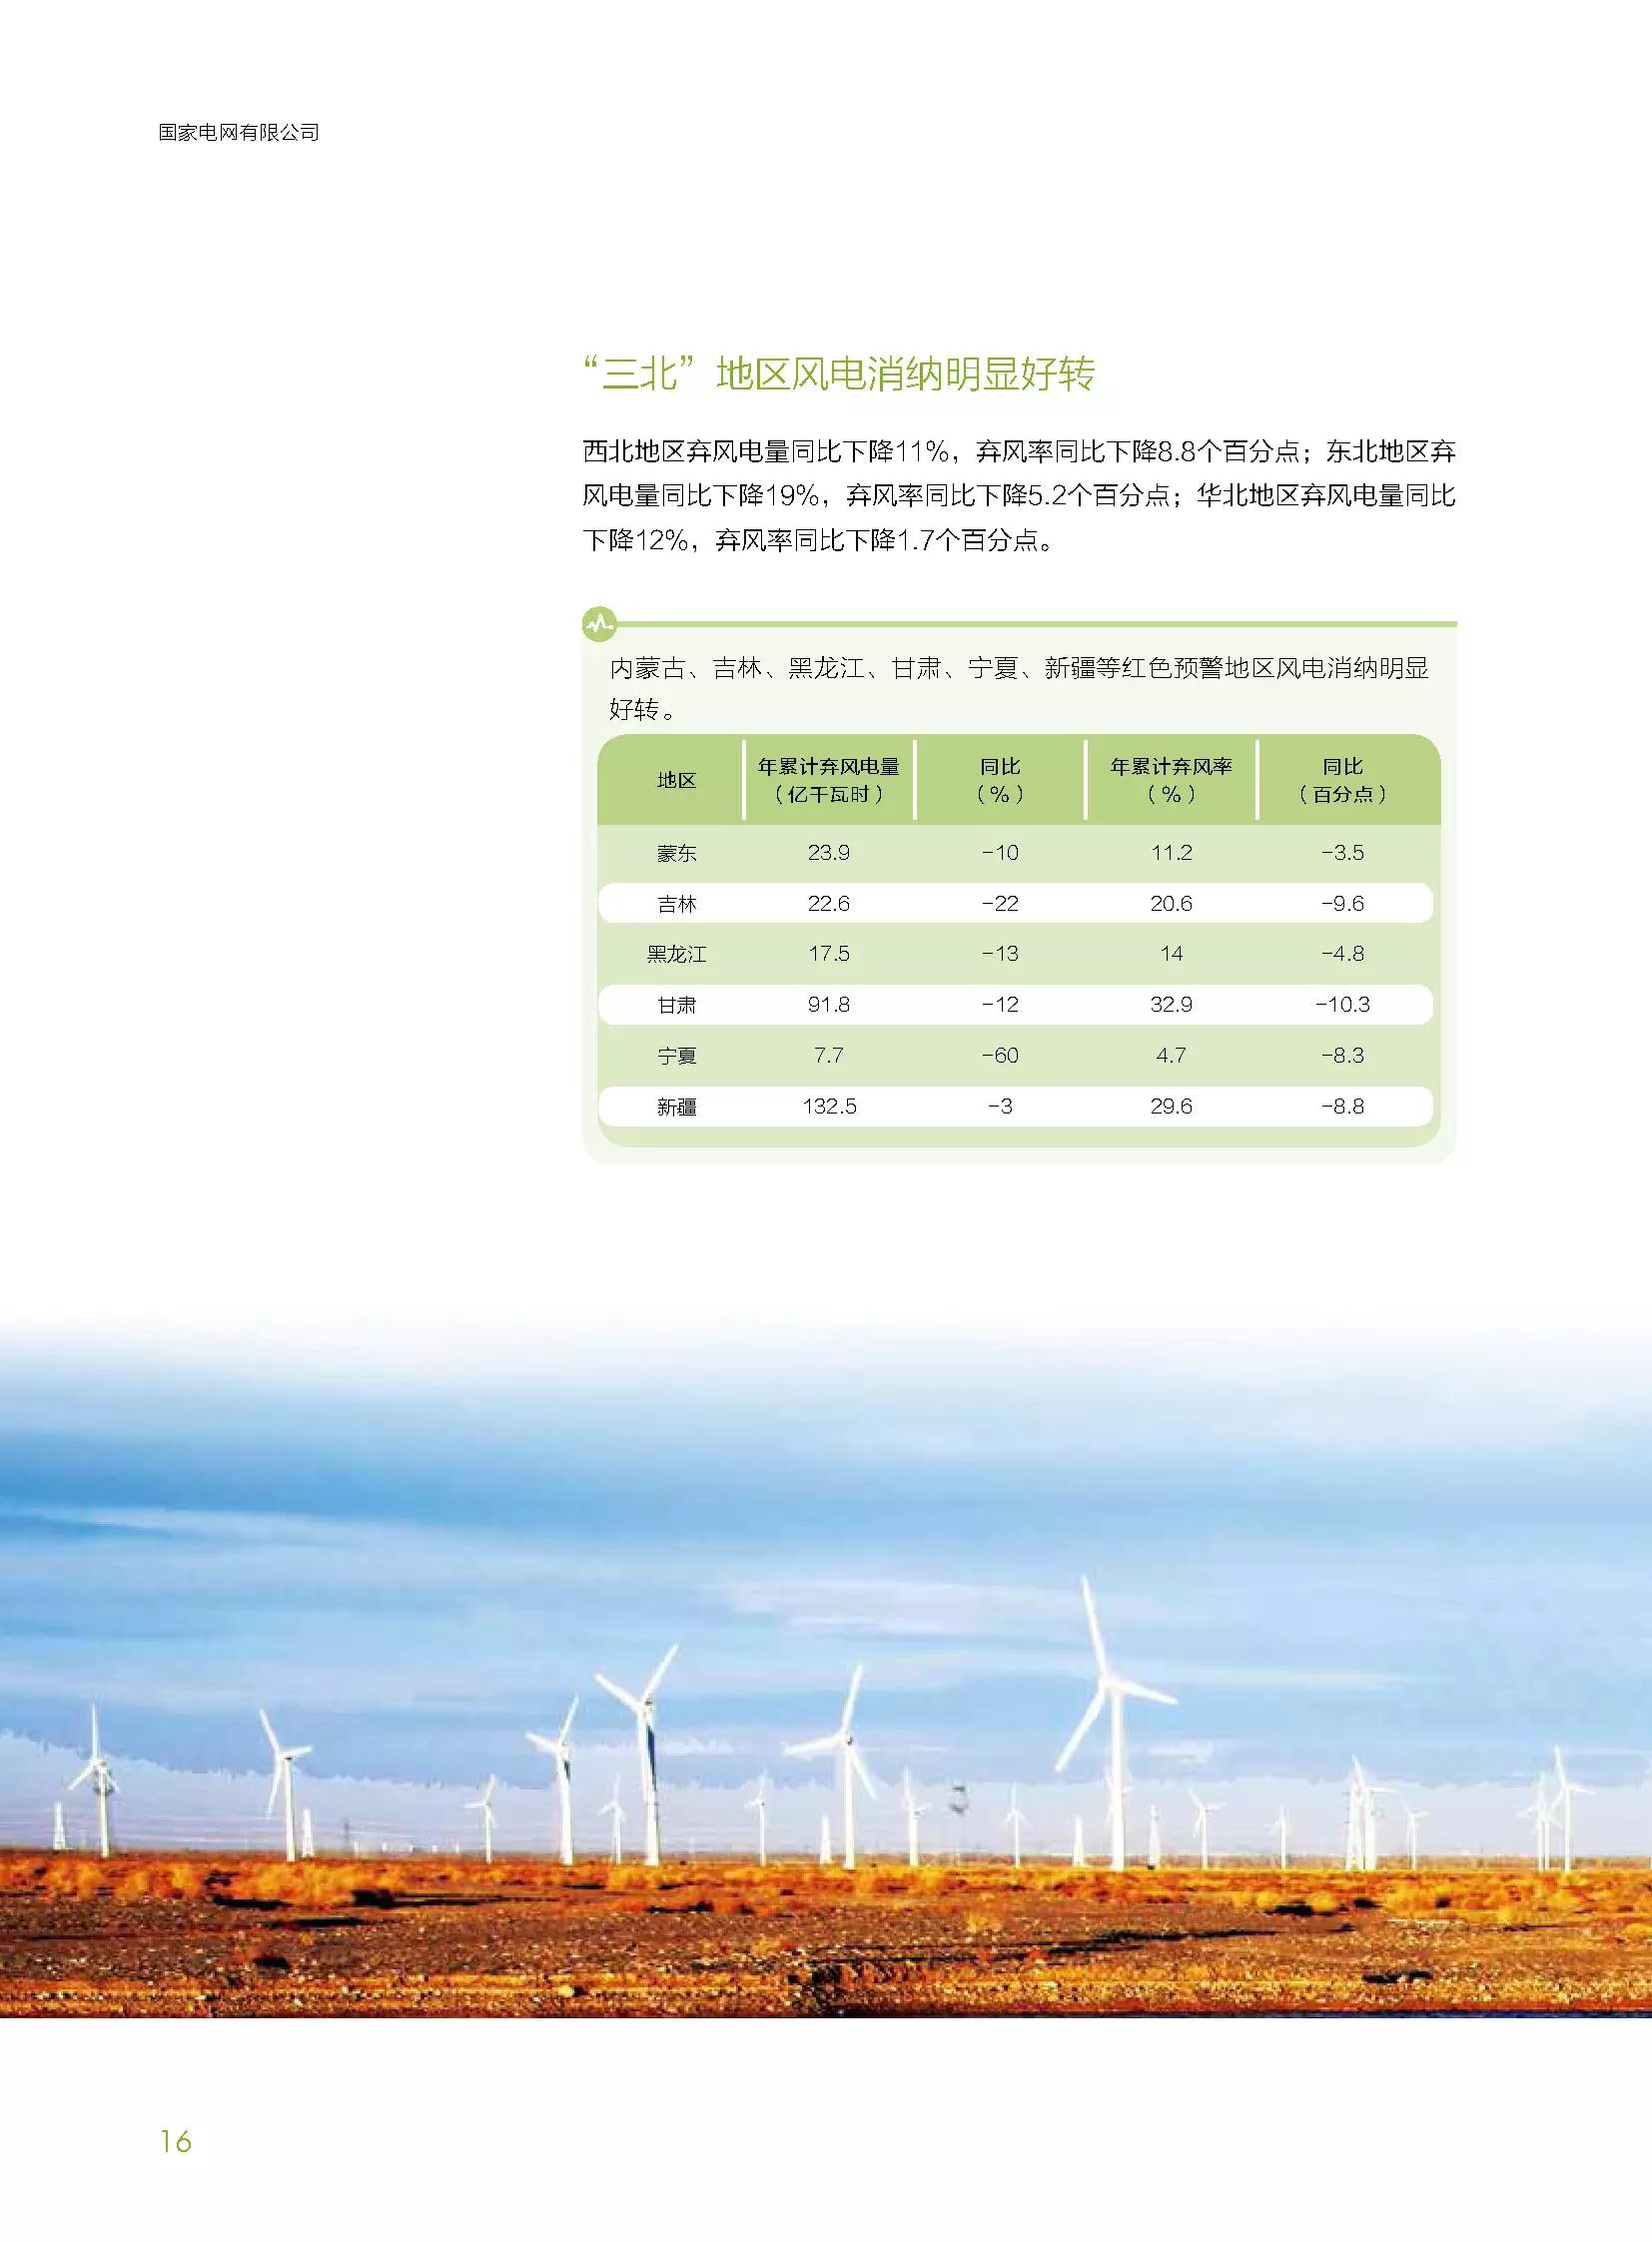 分布式装机60GW以上---国家电网发布《促进新能源发展白皮书(2018)》